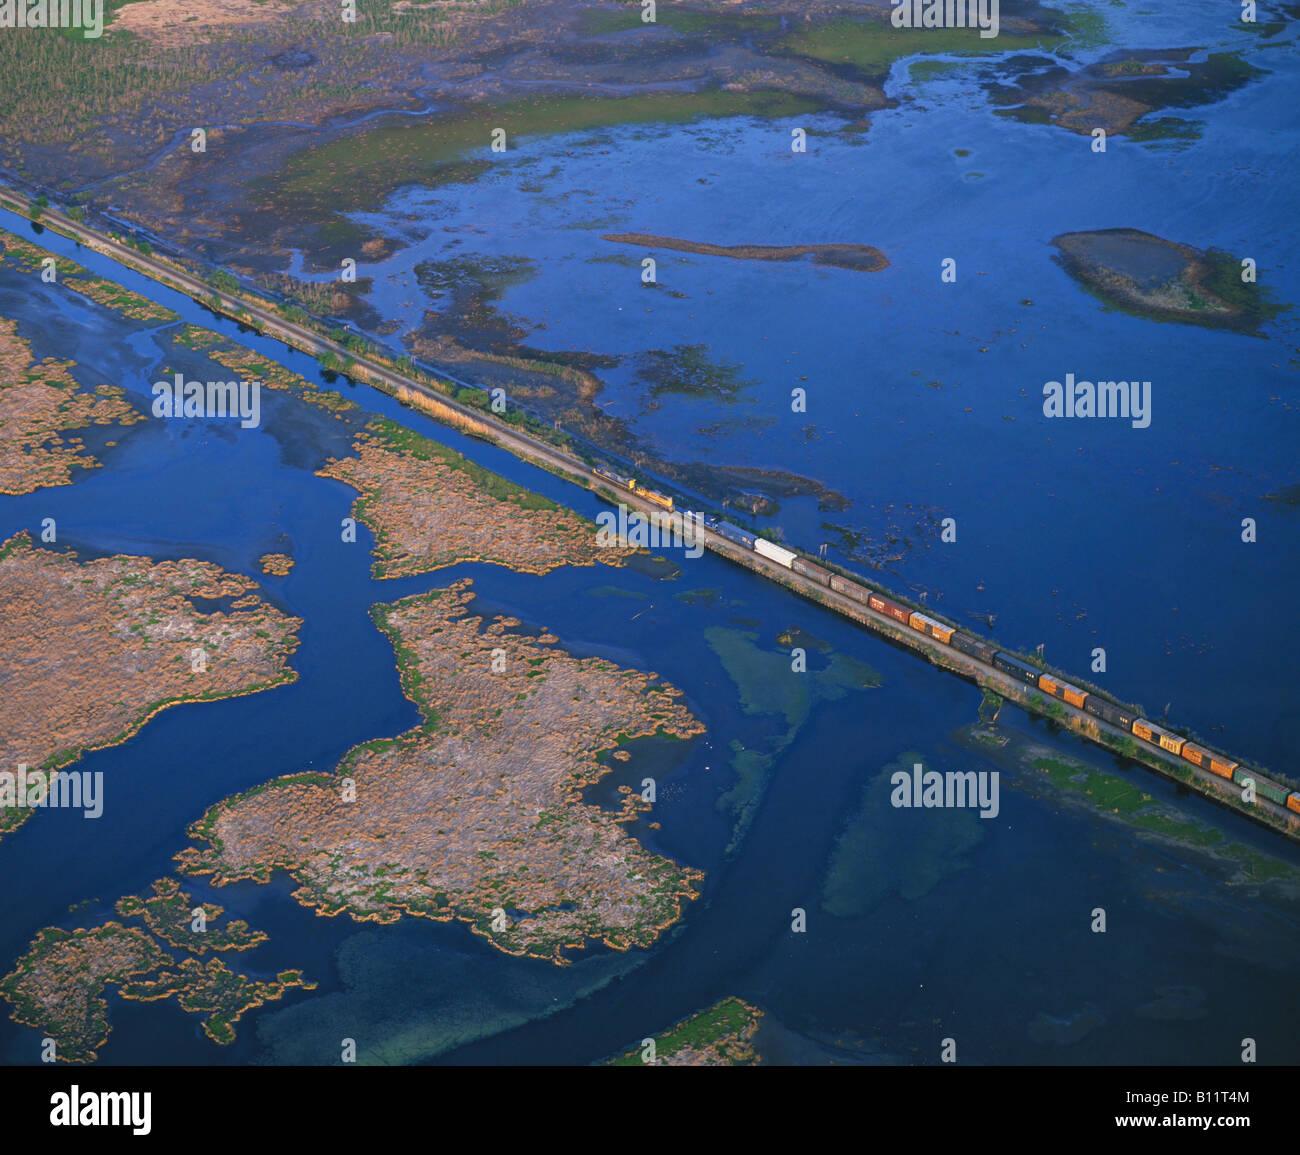 Delta Del Mississippi Immagini e Fotos Stock - Alamy